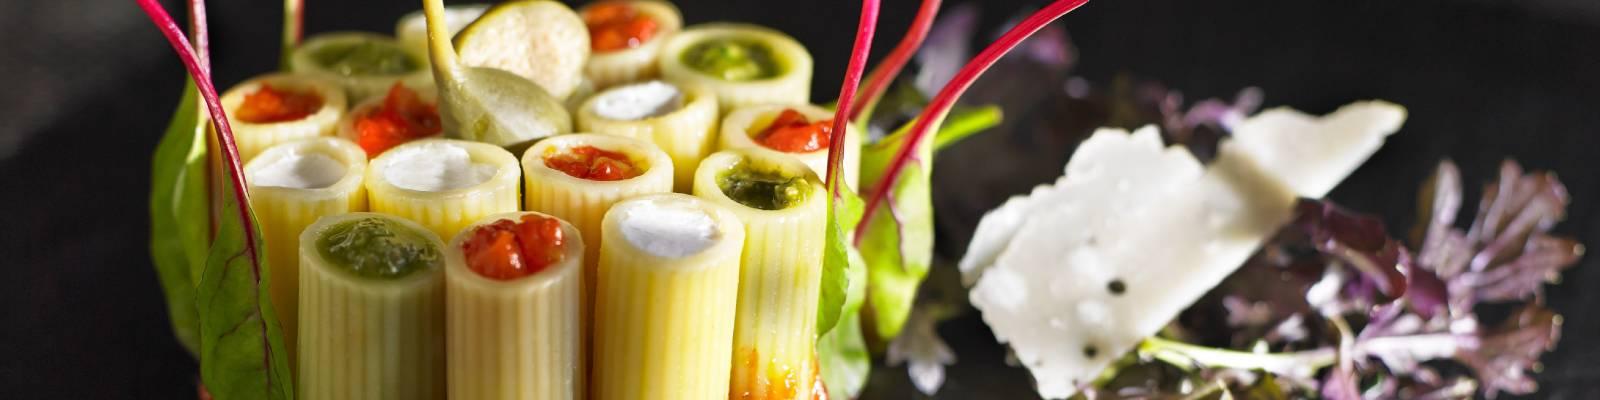 Pasta Garofalo - Mezze maniche Fratelli d'Italia